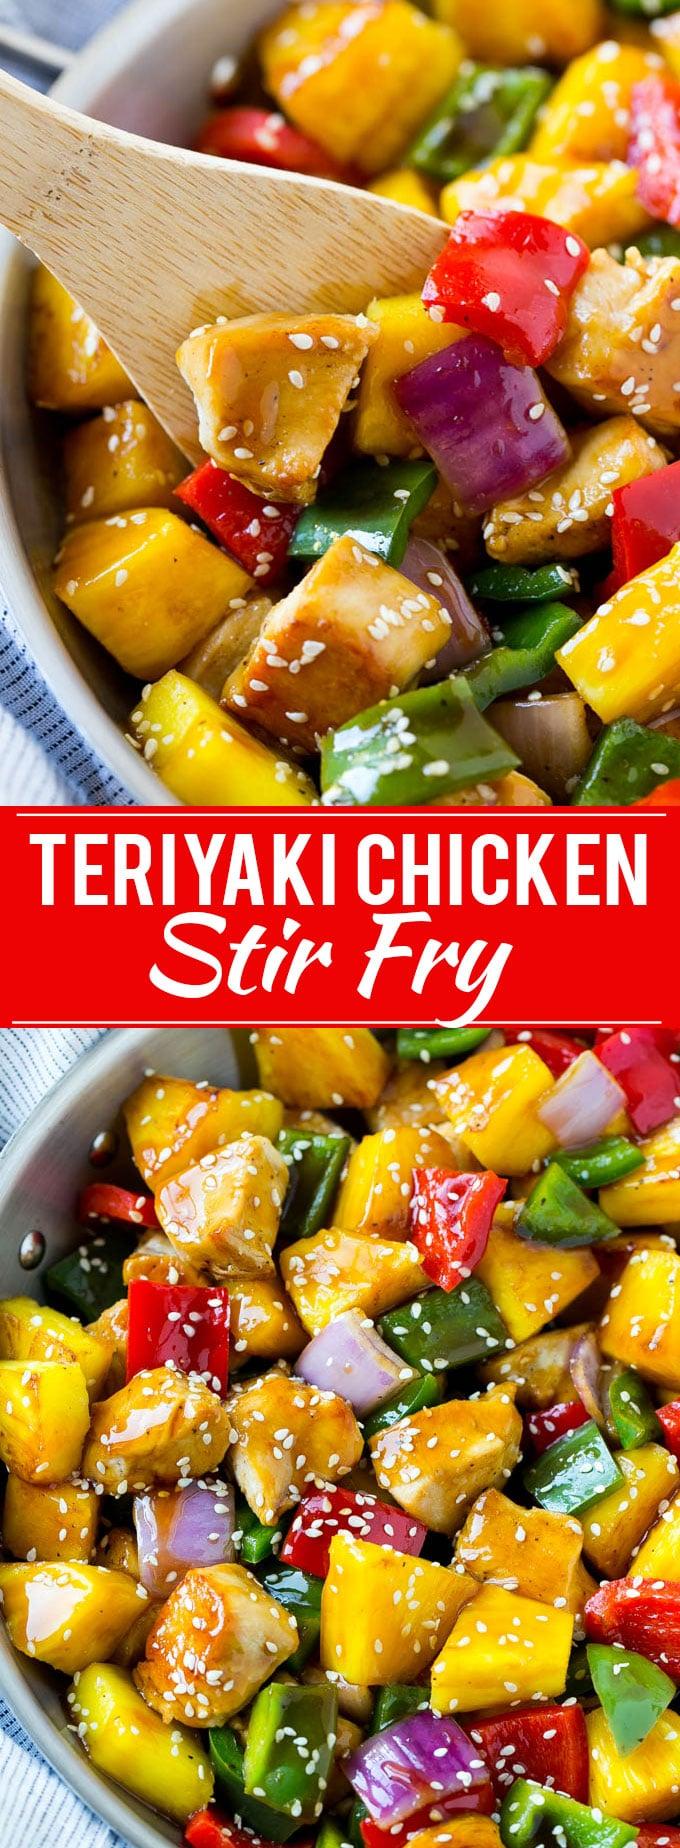 Teriyaki Chicken Stir Fry Recipe   Teriyaki Chicken   Chicken Stir Fry   Healthy Chicken Recipe